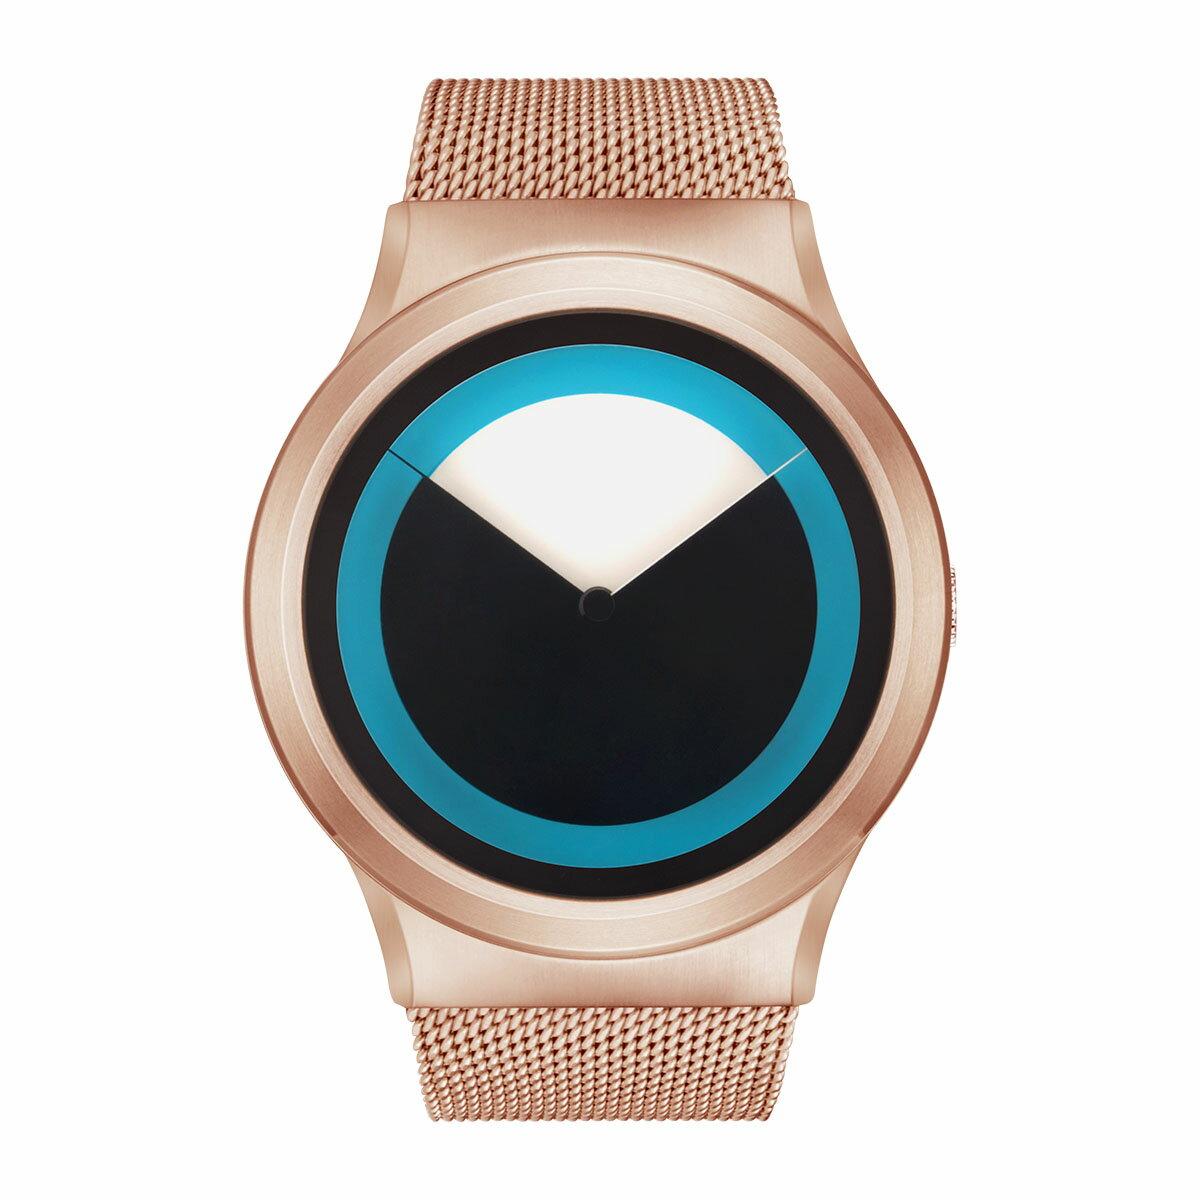 ZEROO DEEPSKY SWEEPING ゼロ 電池式クォーツ 腕時計 [W04011B05SM05] ブルー デザインウォッチ ペア用 メンズ レディース ユニセックス おしゃれ時計 デザイナーズ